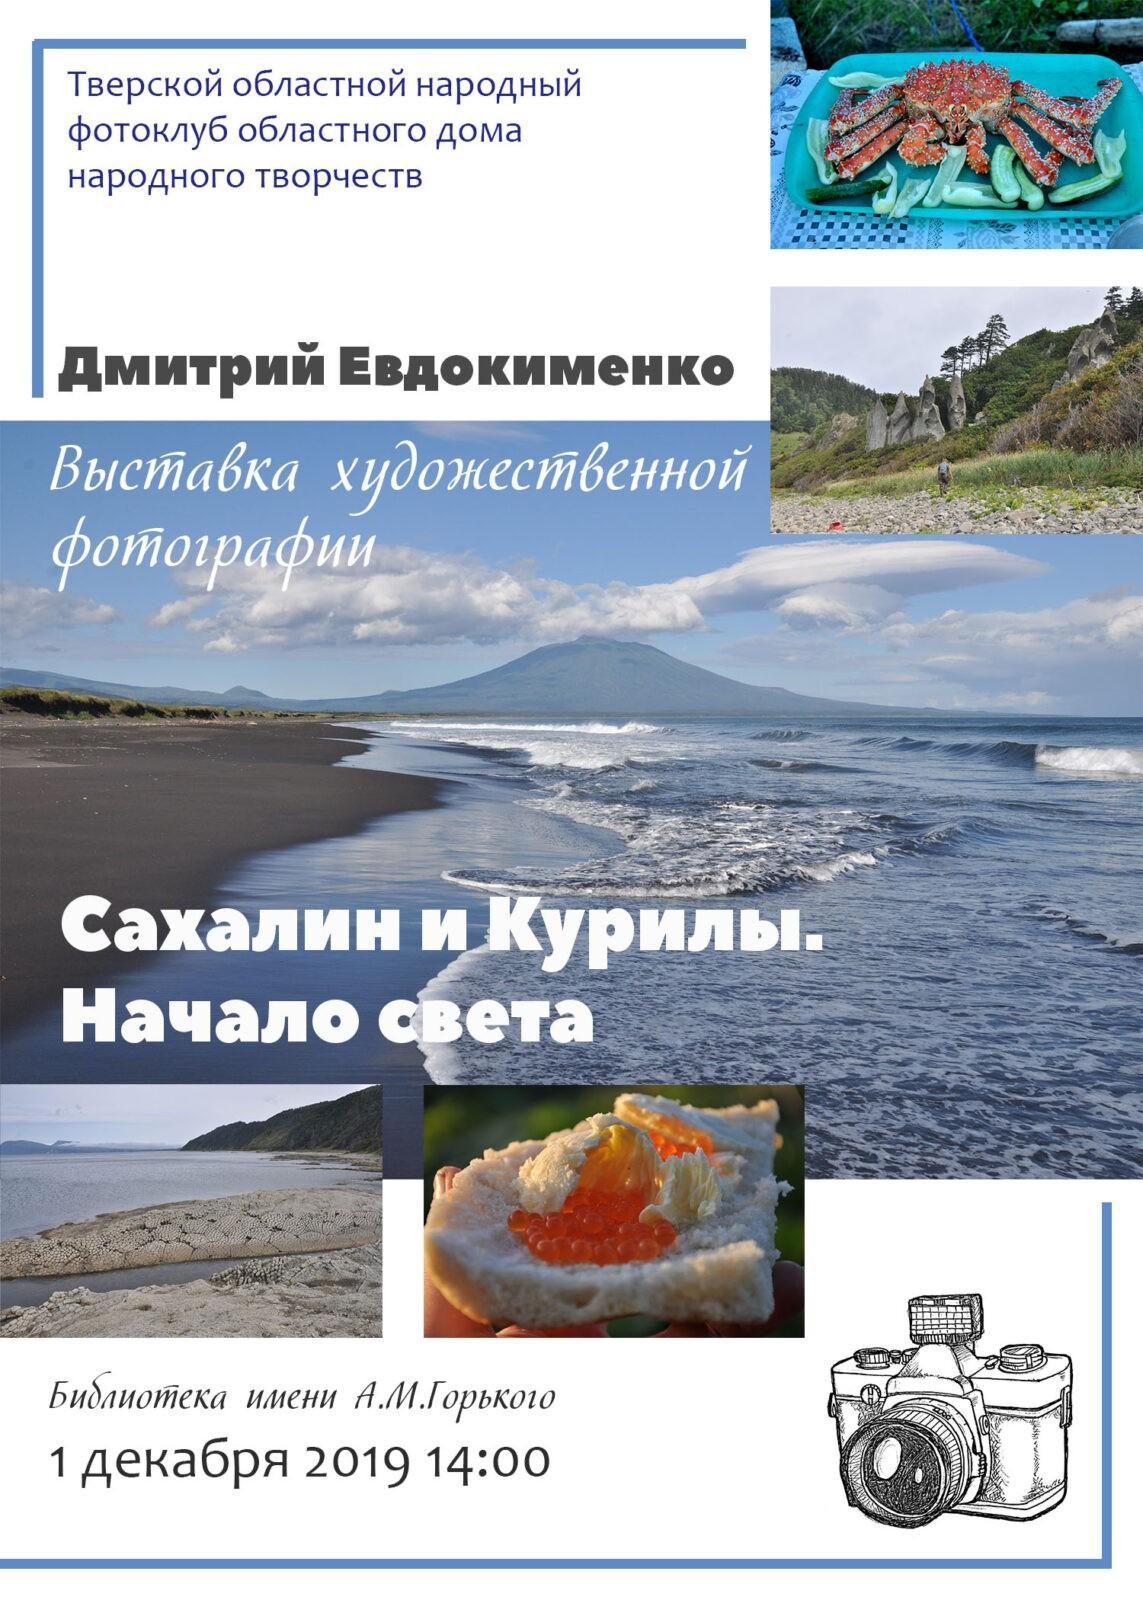 """Фотовыставка """"Начало света"""" расскажет в Твери о Сахалине и Курилах"""